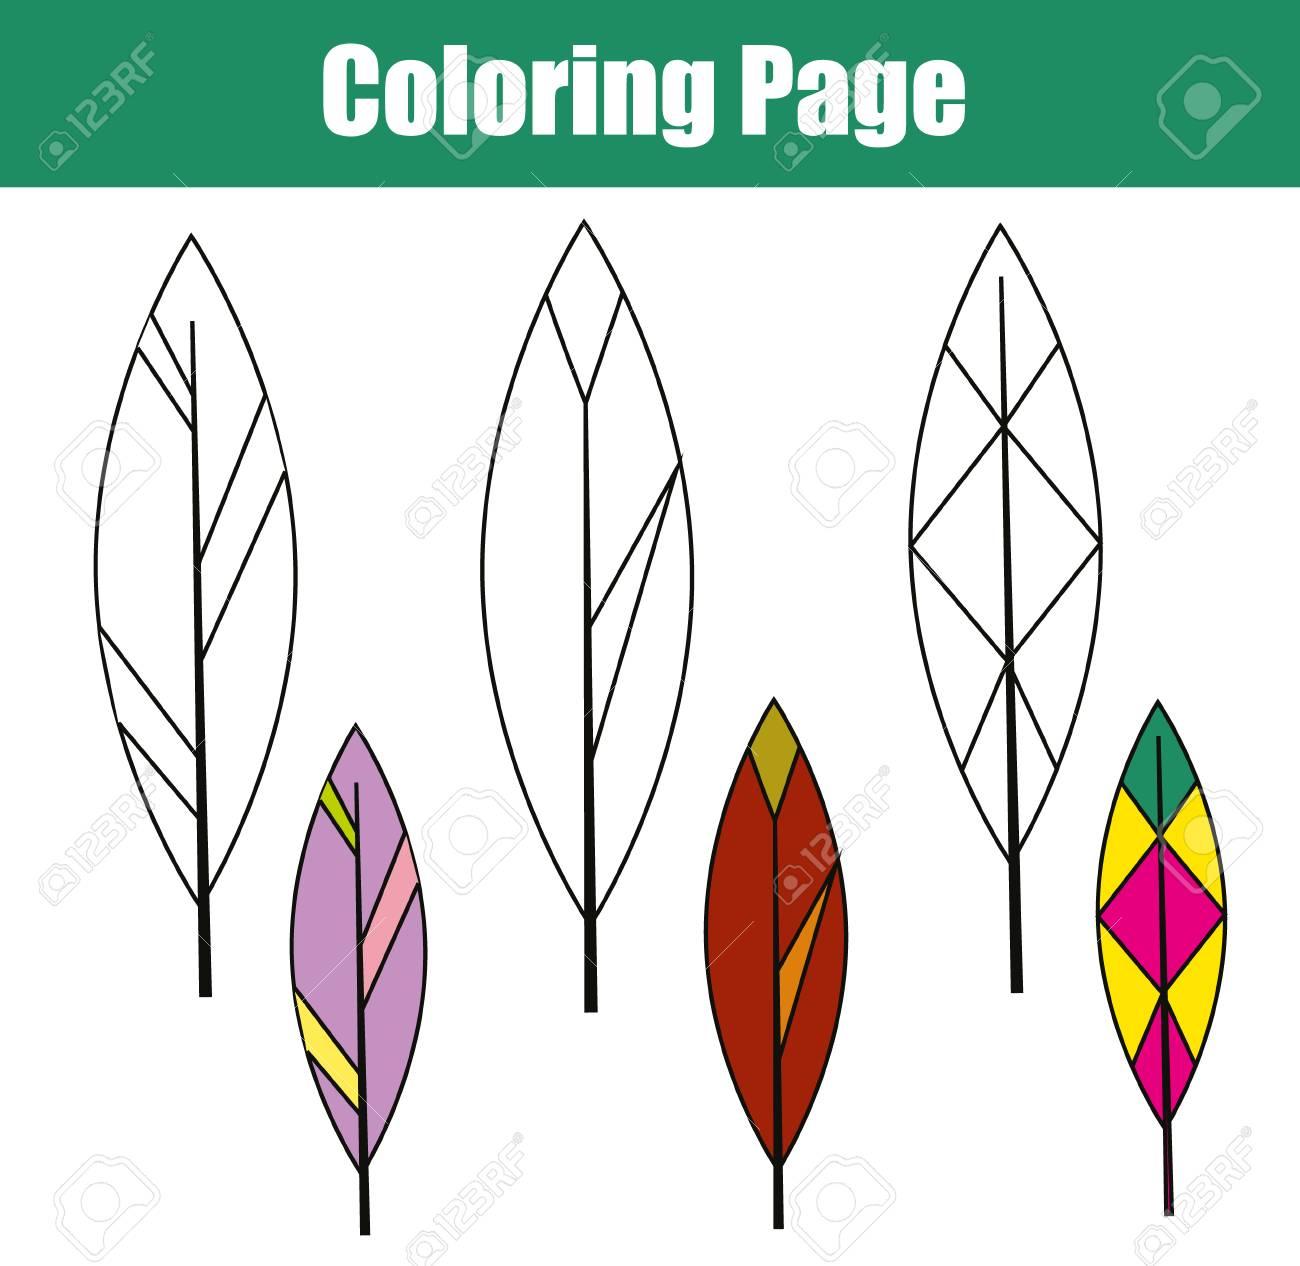 Dibujos Para Colorear Con Plumas De Ave Juego Educativo Para Niños Actividad De Dibujo Infantil